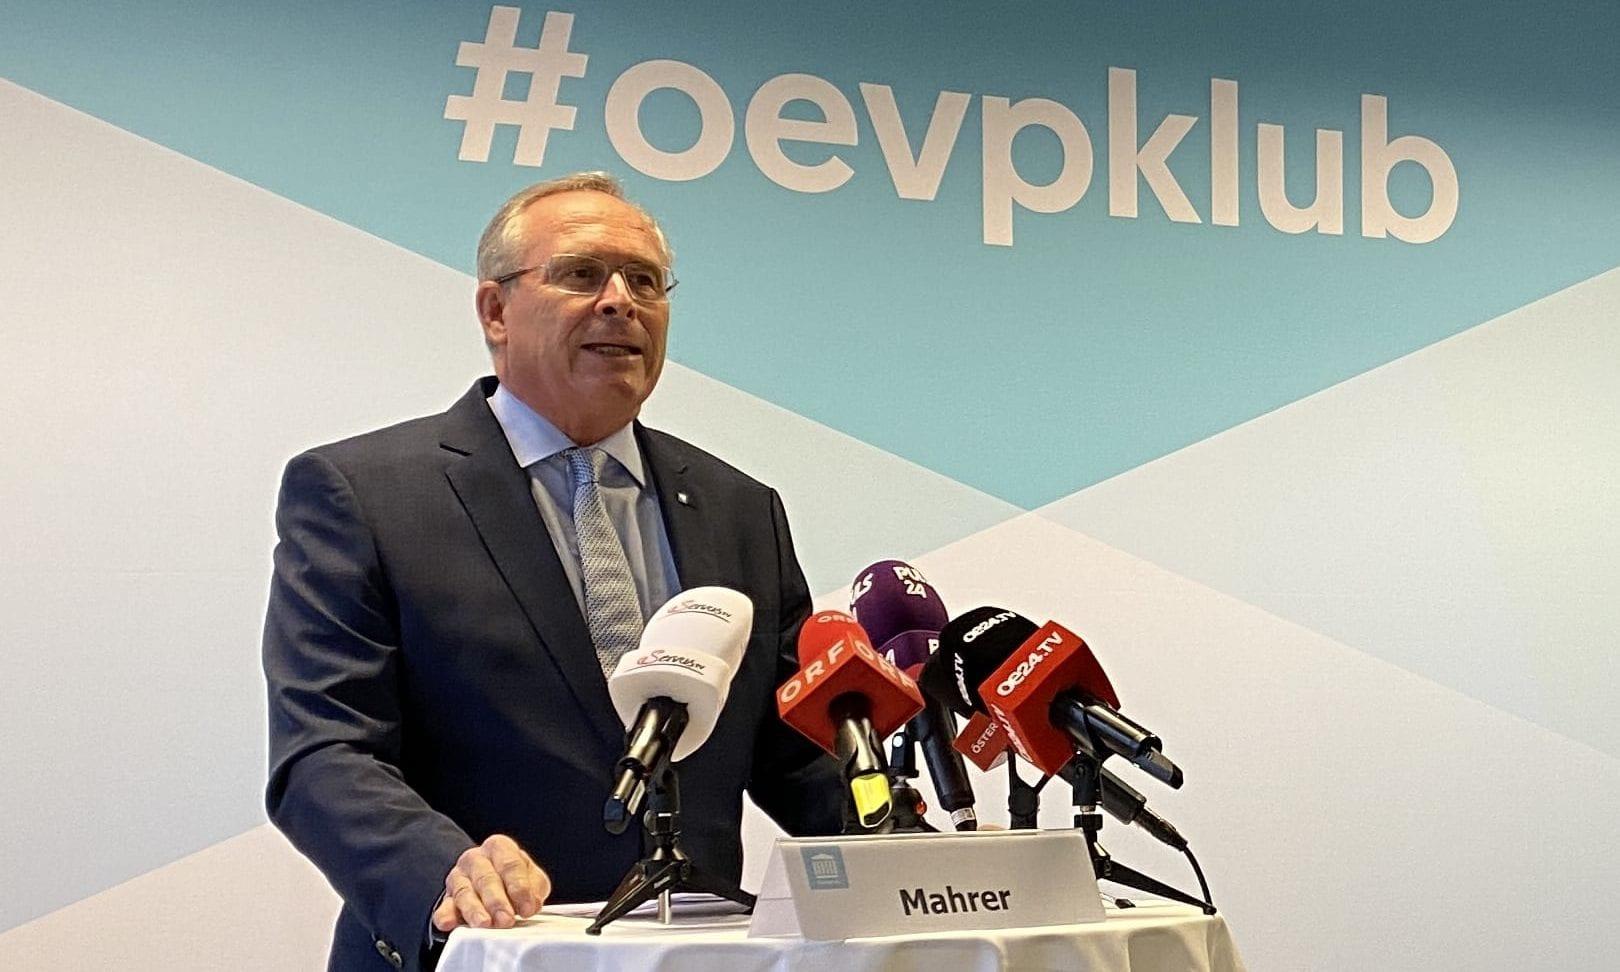 Karl Mahrer